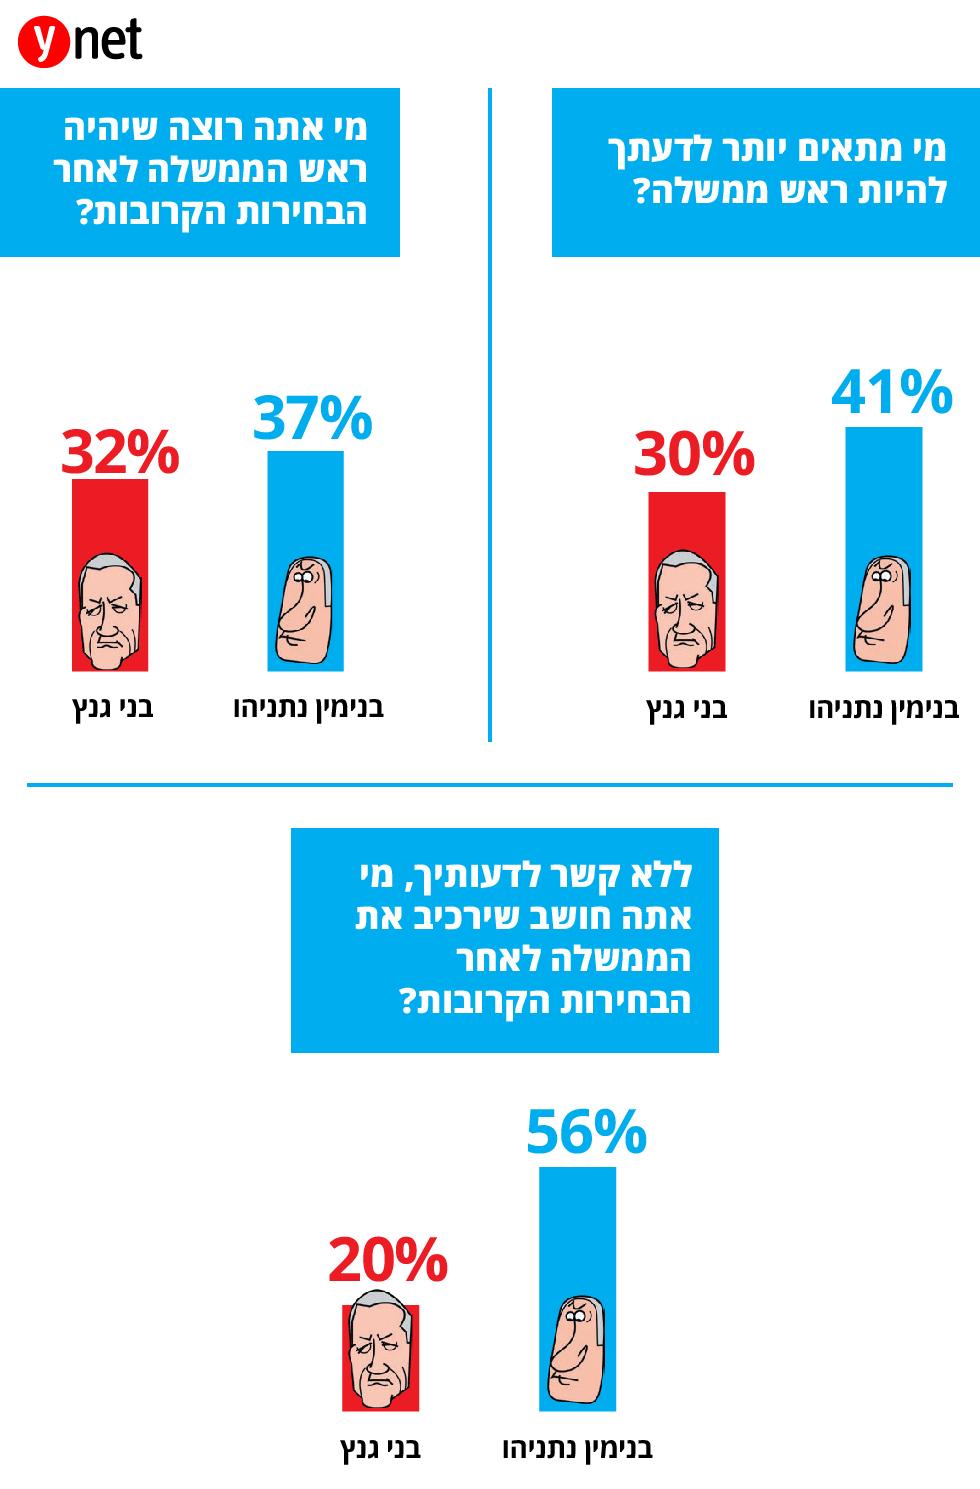 סקר ידיעות אחרונות- מי מתאים יותר לדעתך להיות ראש ממשלה? ()